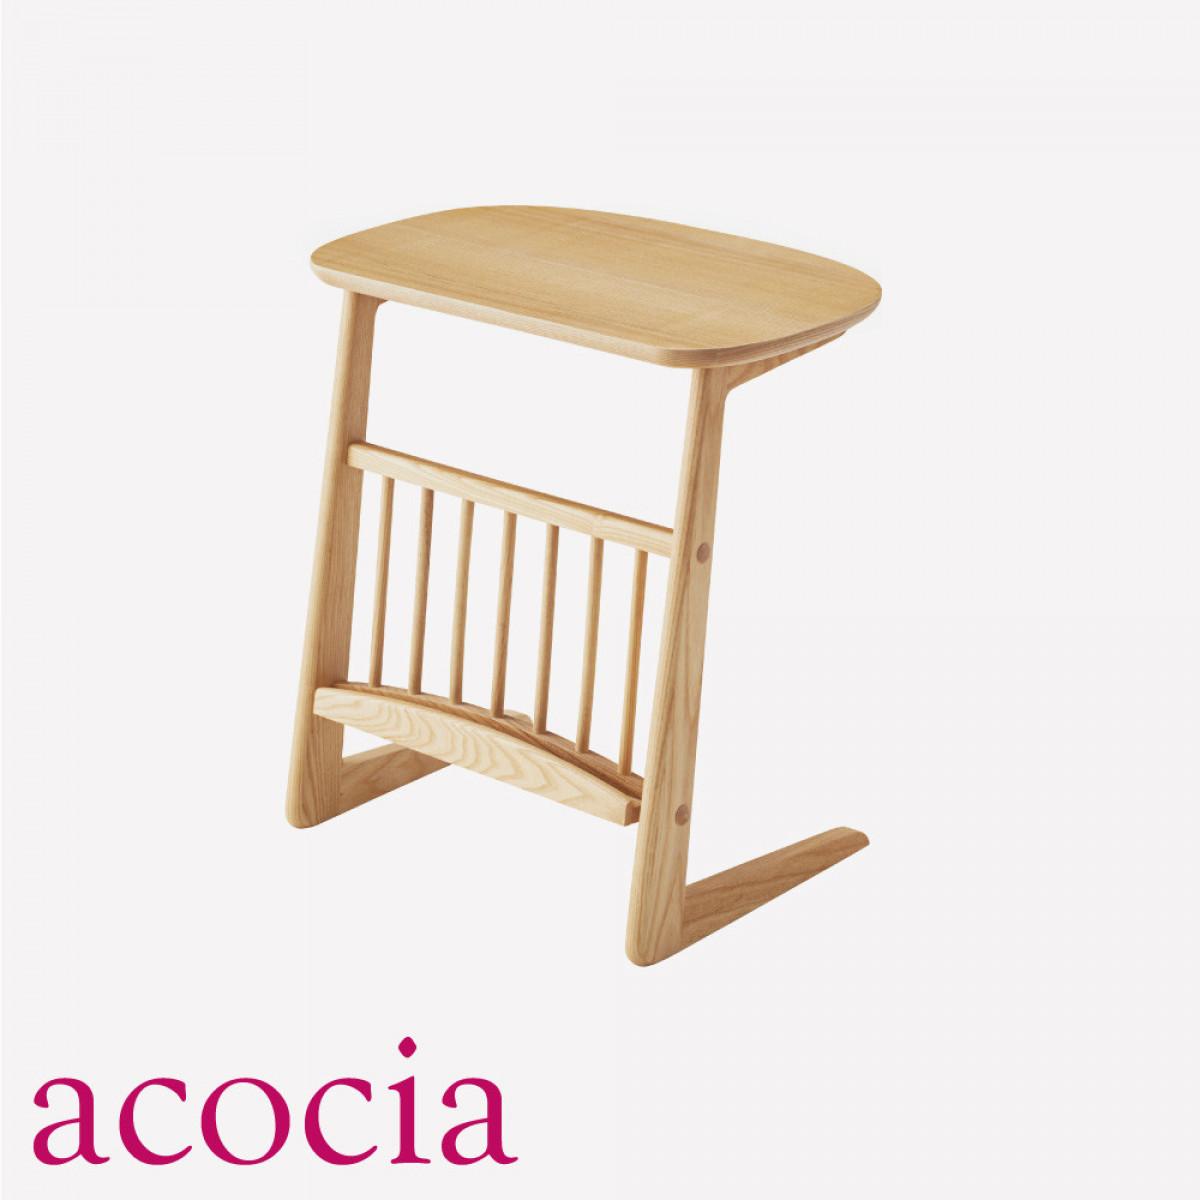 【ダイニングチェア セール】 おしゃれ 北欧 【ソファー セール】 テーブル サイドテーブル 木製 W55×D39×H55 ヘンリー ワイドサイドテーブル cafe カフェ モデルルーム 【ダイニングベンチ セール】